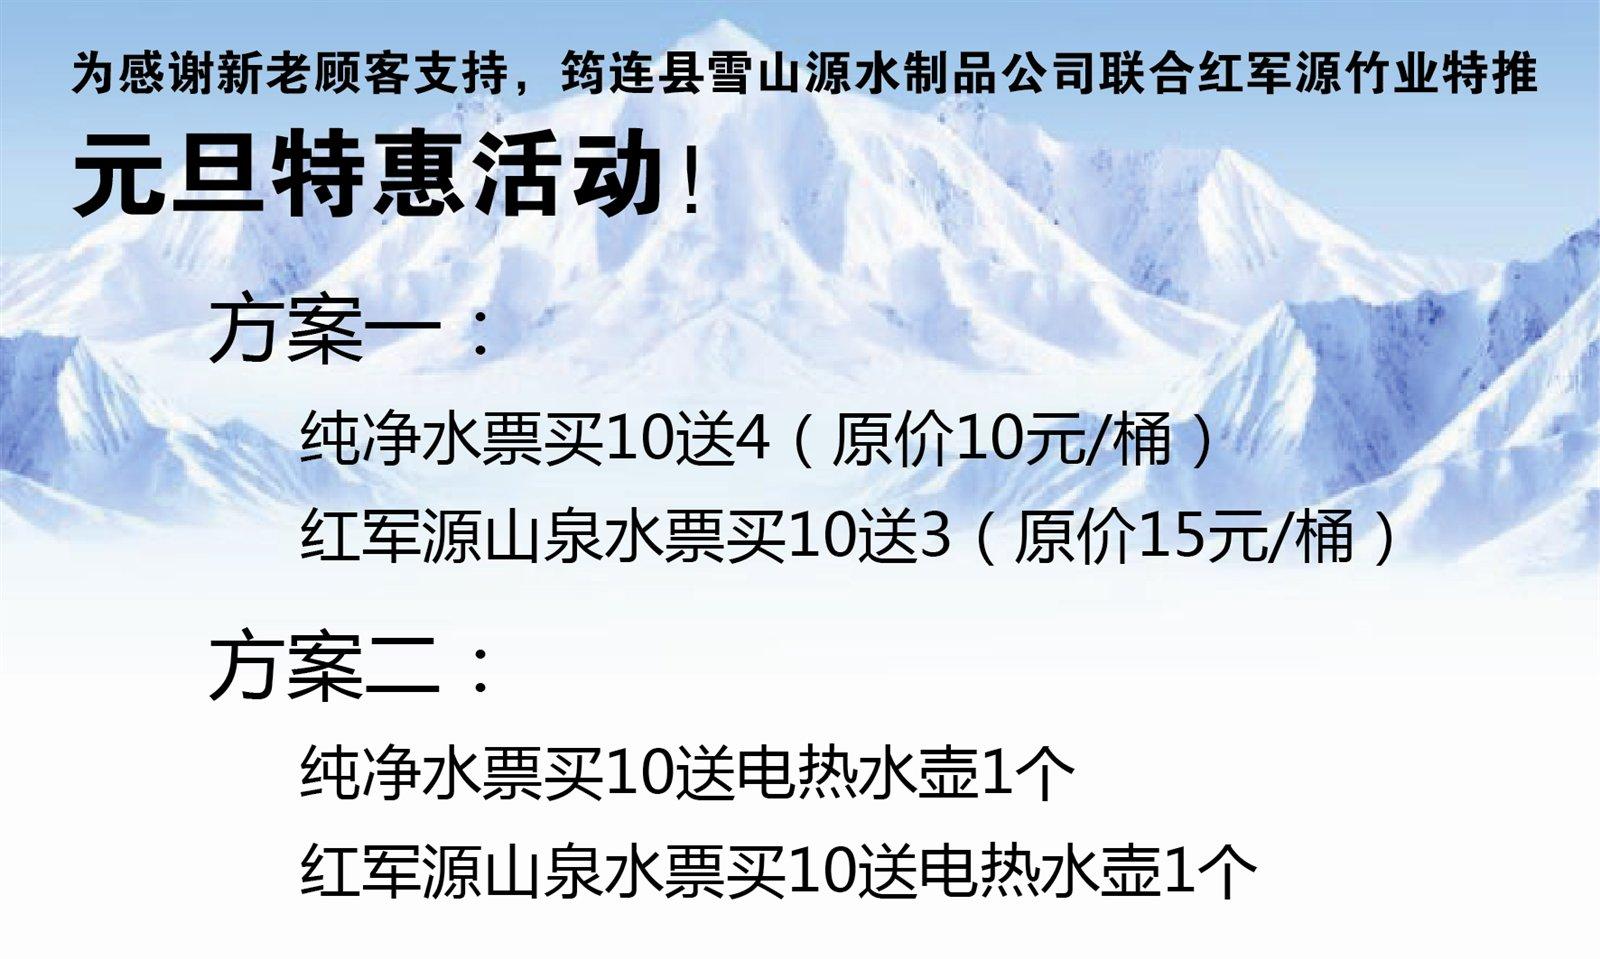 [红军源水业]桶装水水票买赠活动优惠券